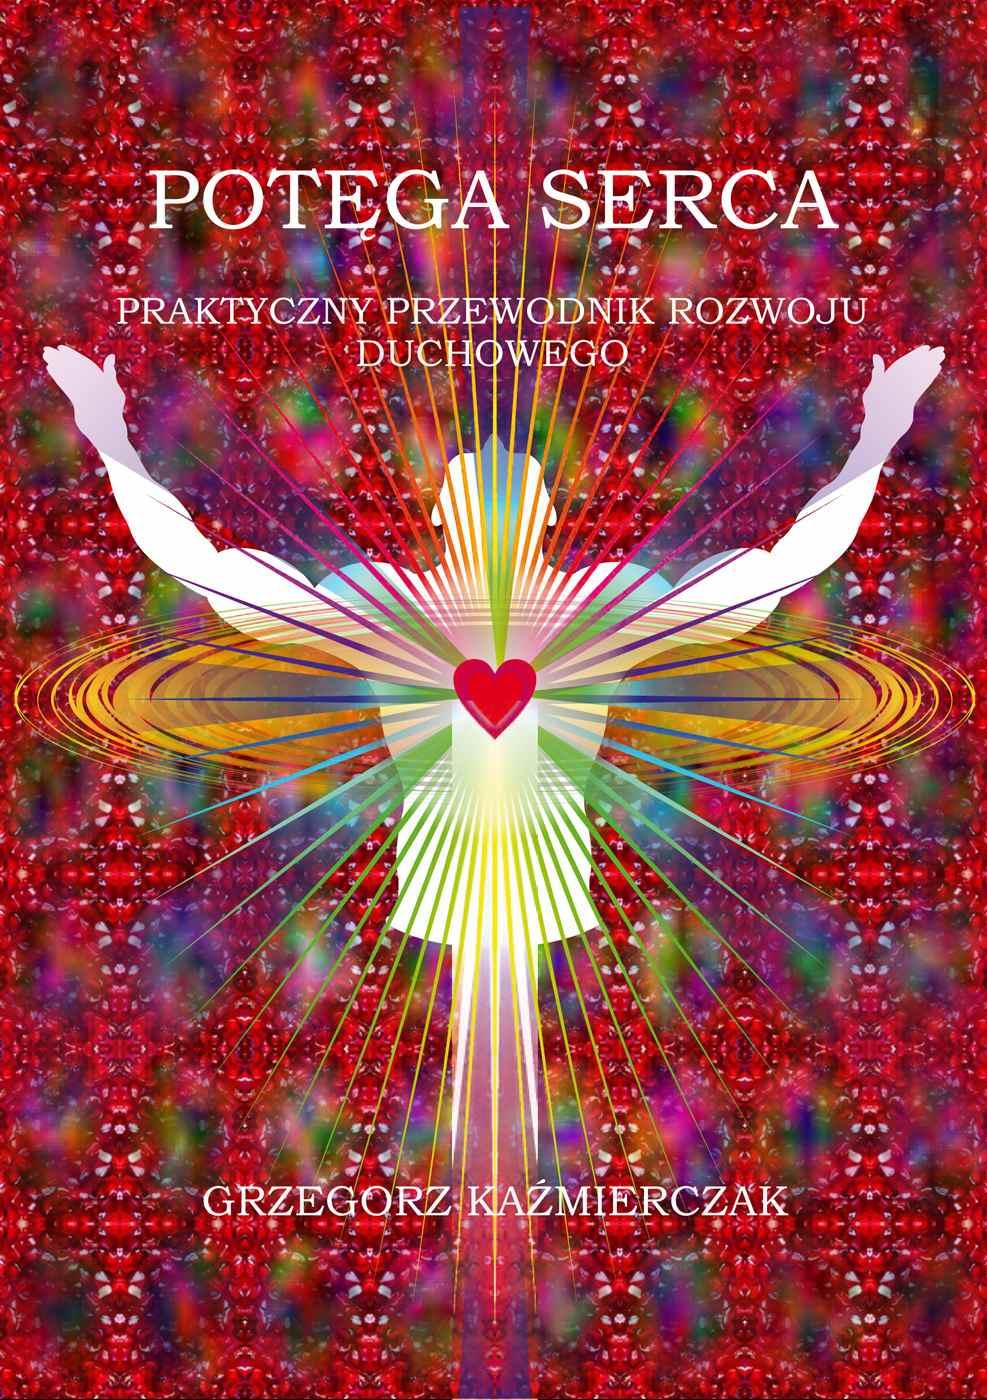 Potęga serca. Praktyczny przewodnik rozwoju duchowego - Ebook (Książka EPUB) do pobrania w formacie EPUB